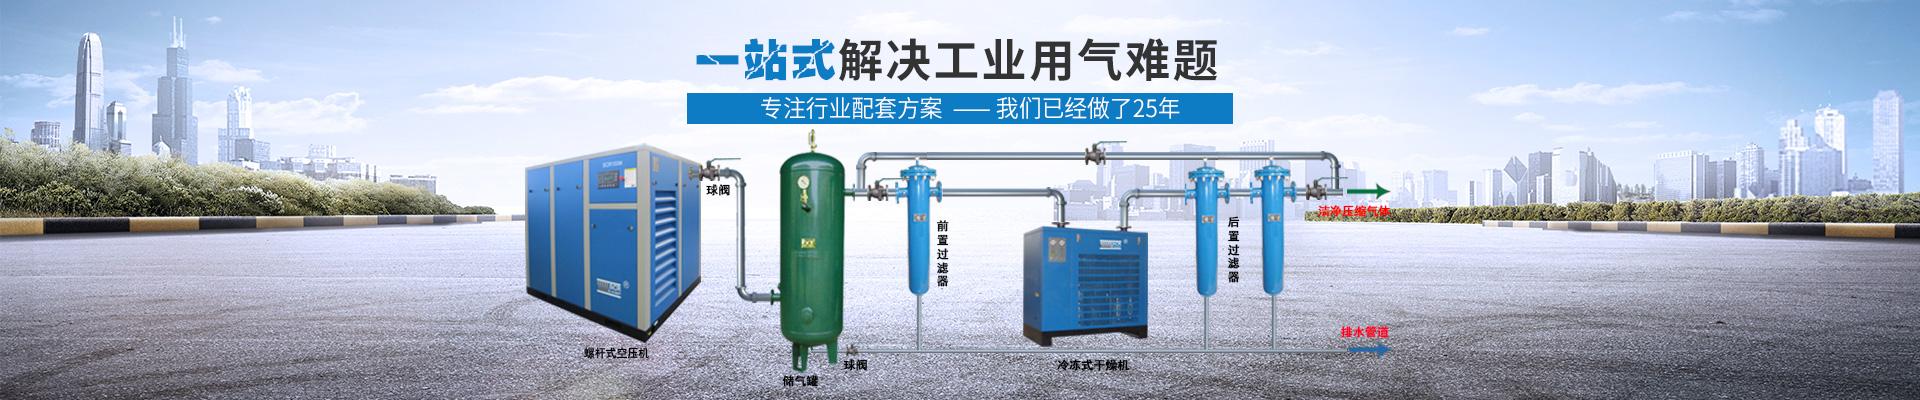 斯可络-一站式解决工业用气难题